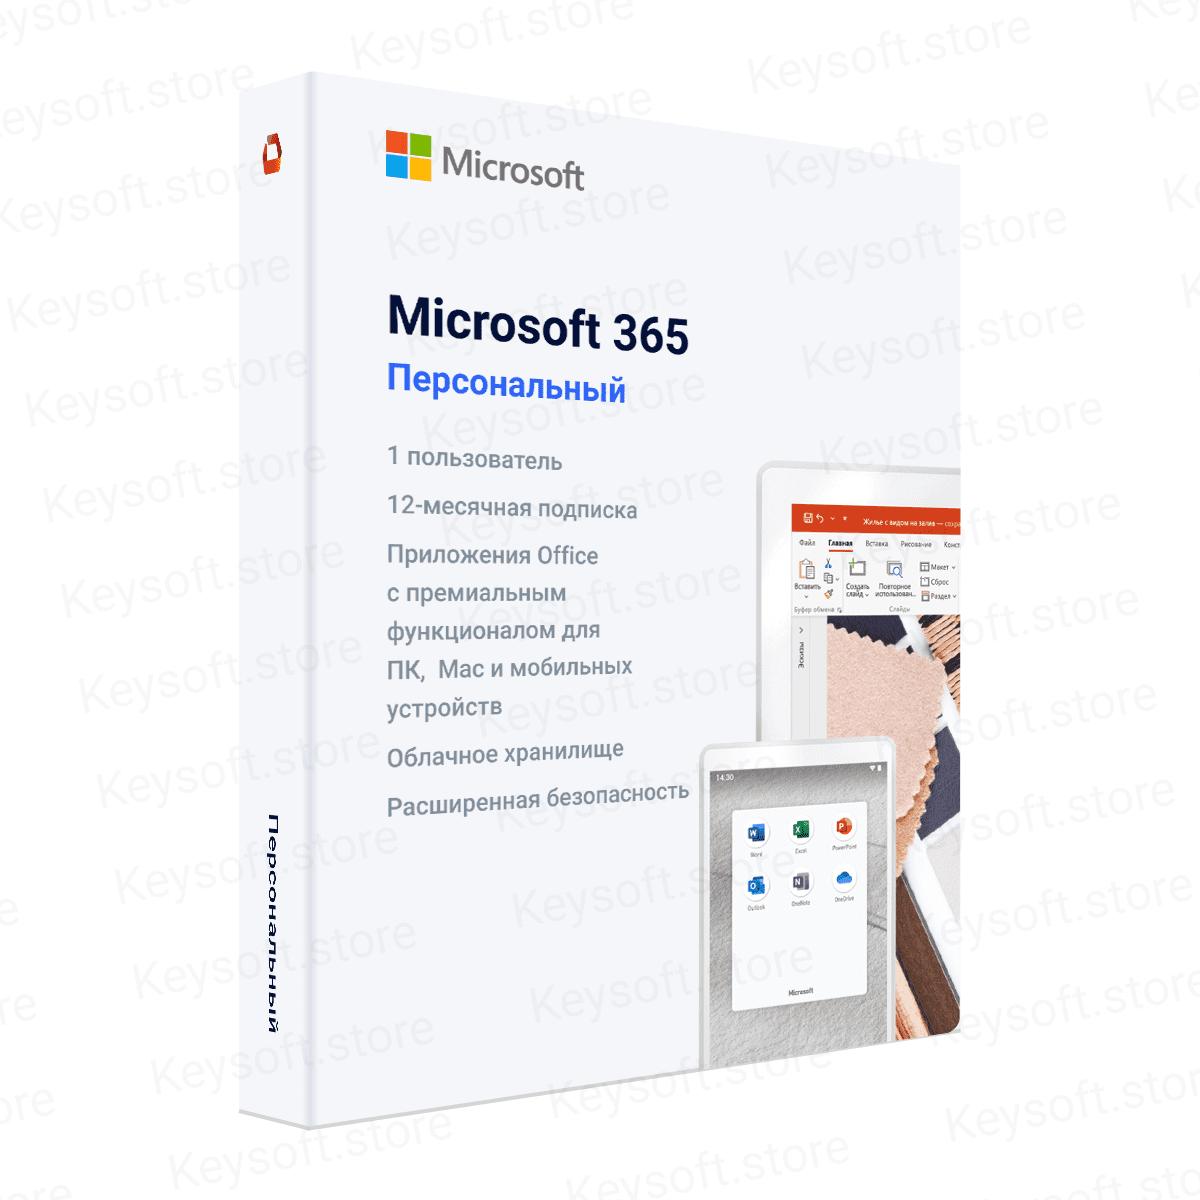 Купить лицензионные ключи активации для Microsoft Office 365 Персональный для дома - keysoft.store - Программы